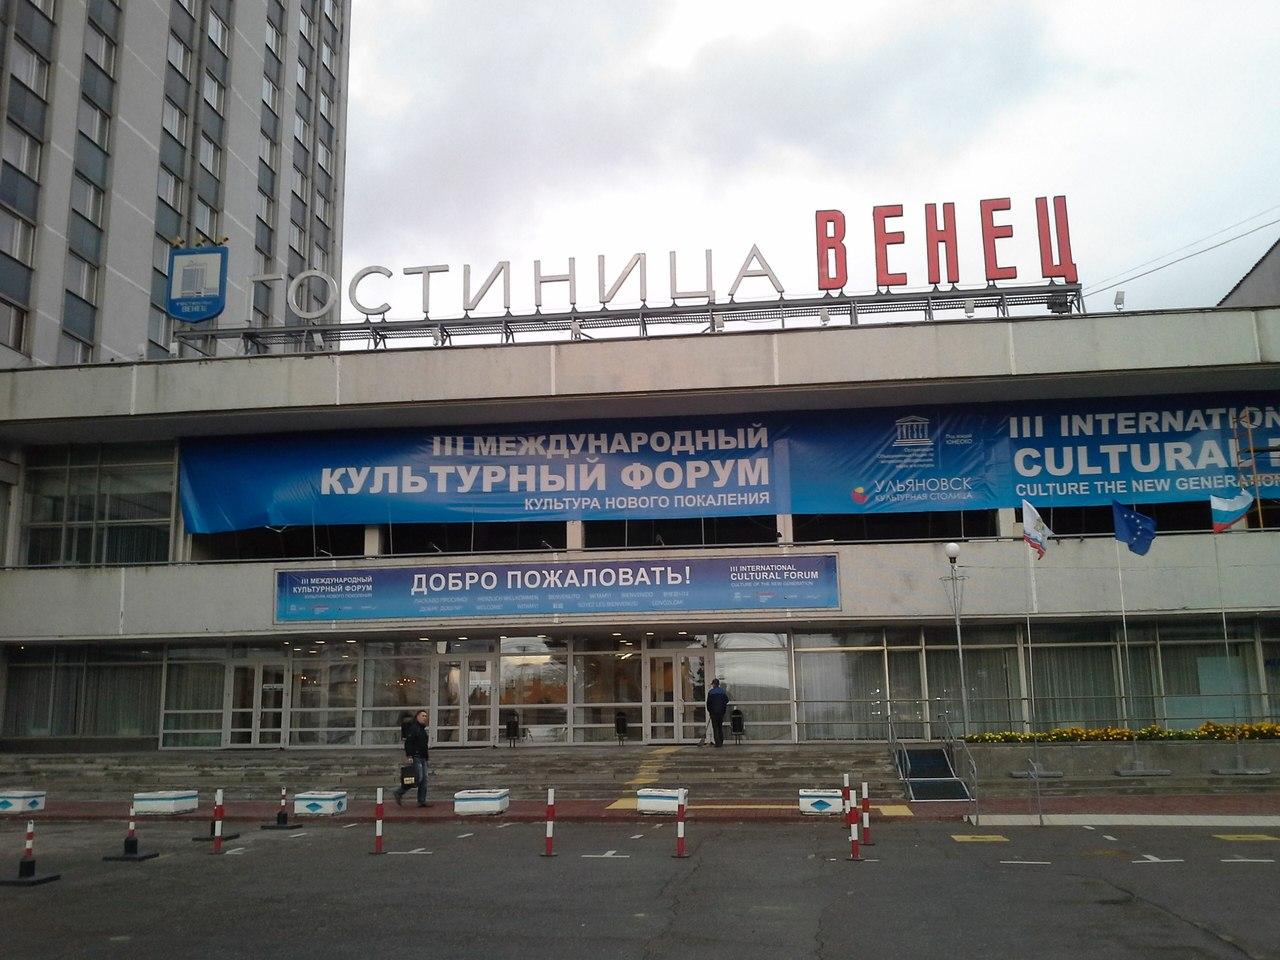 """Гостиница """"Венец"""" во время Международного культурного форума"""